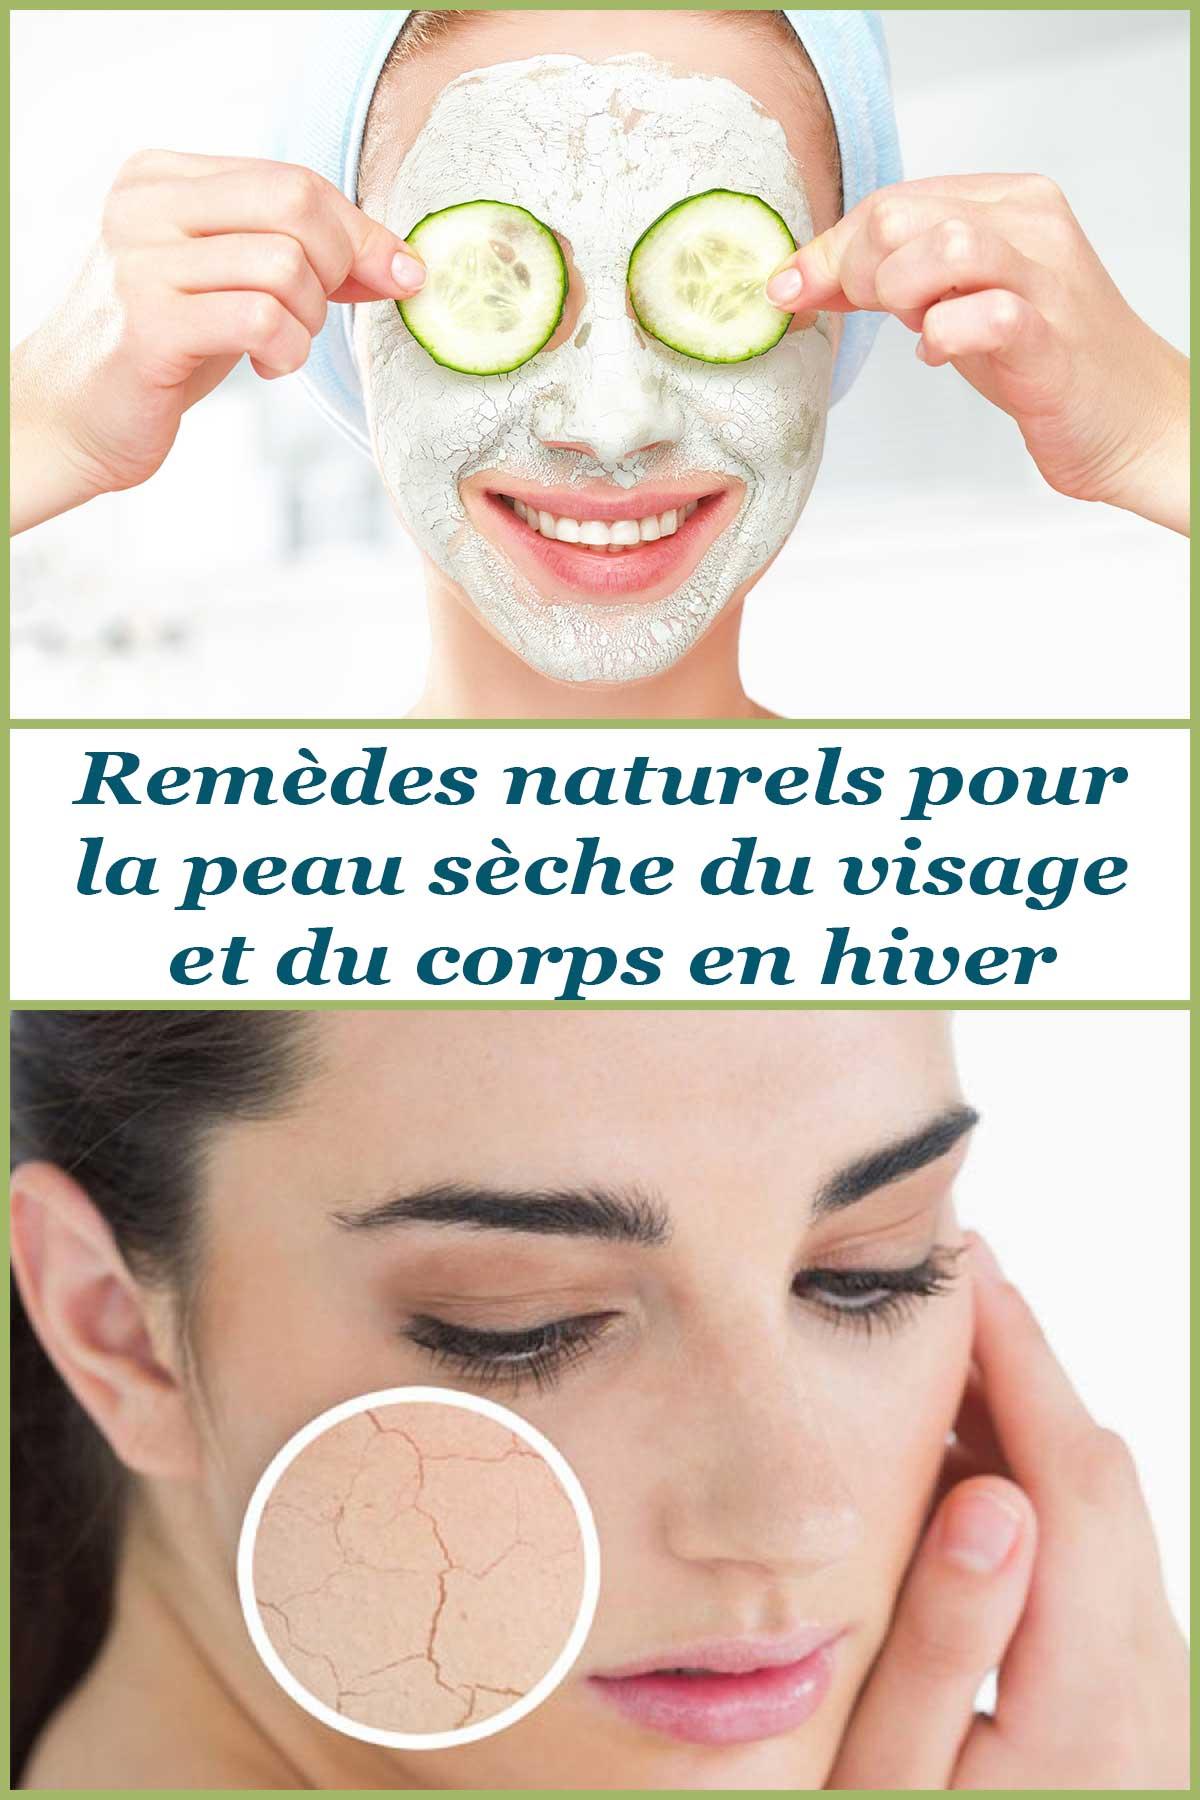 Remèdes naturels pour la peau sèche du visage et du corps en hiver